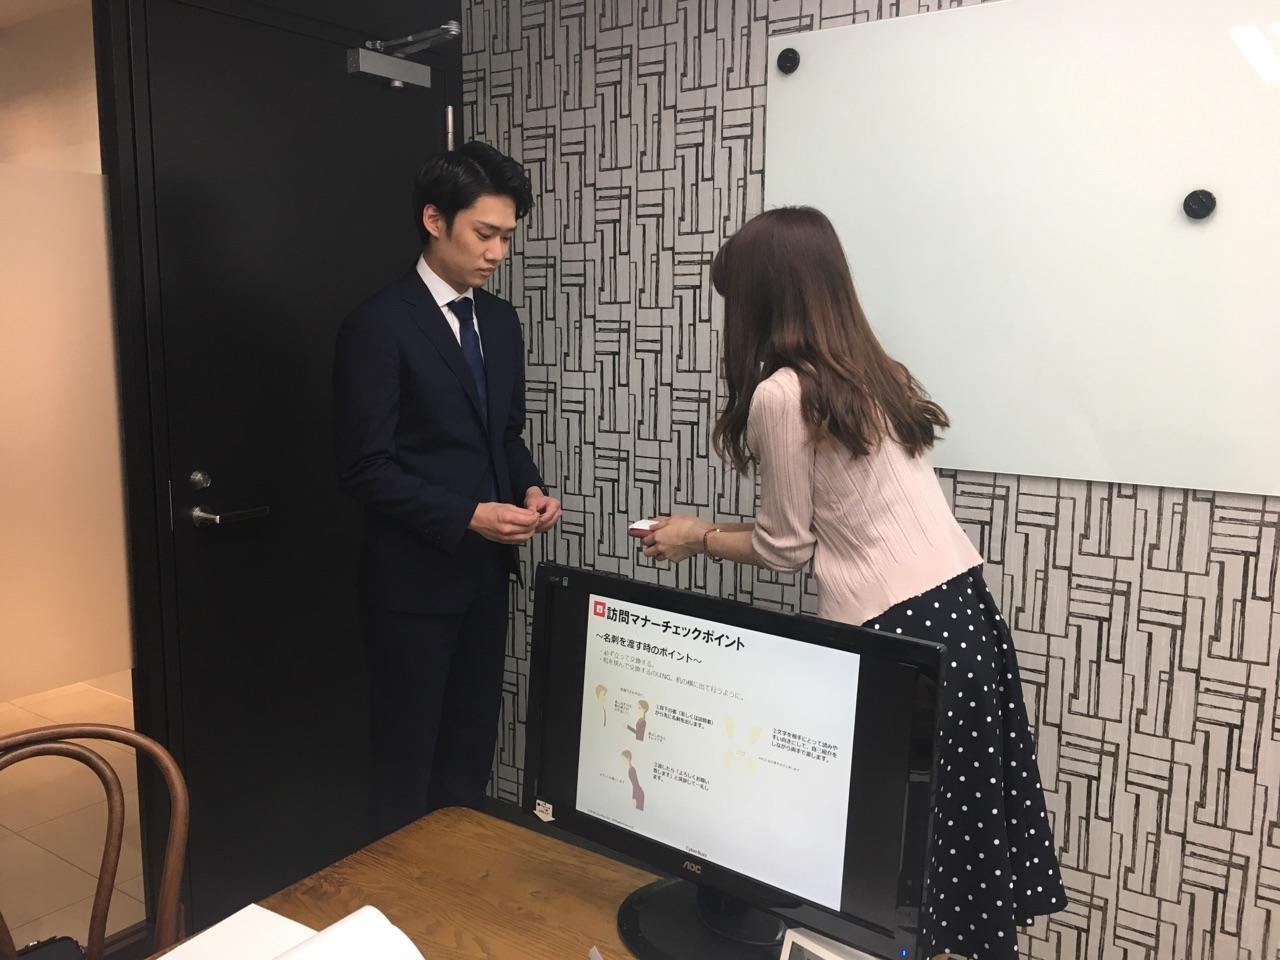 総会+新卒入社+配属 (5).jpeg